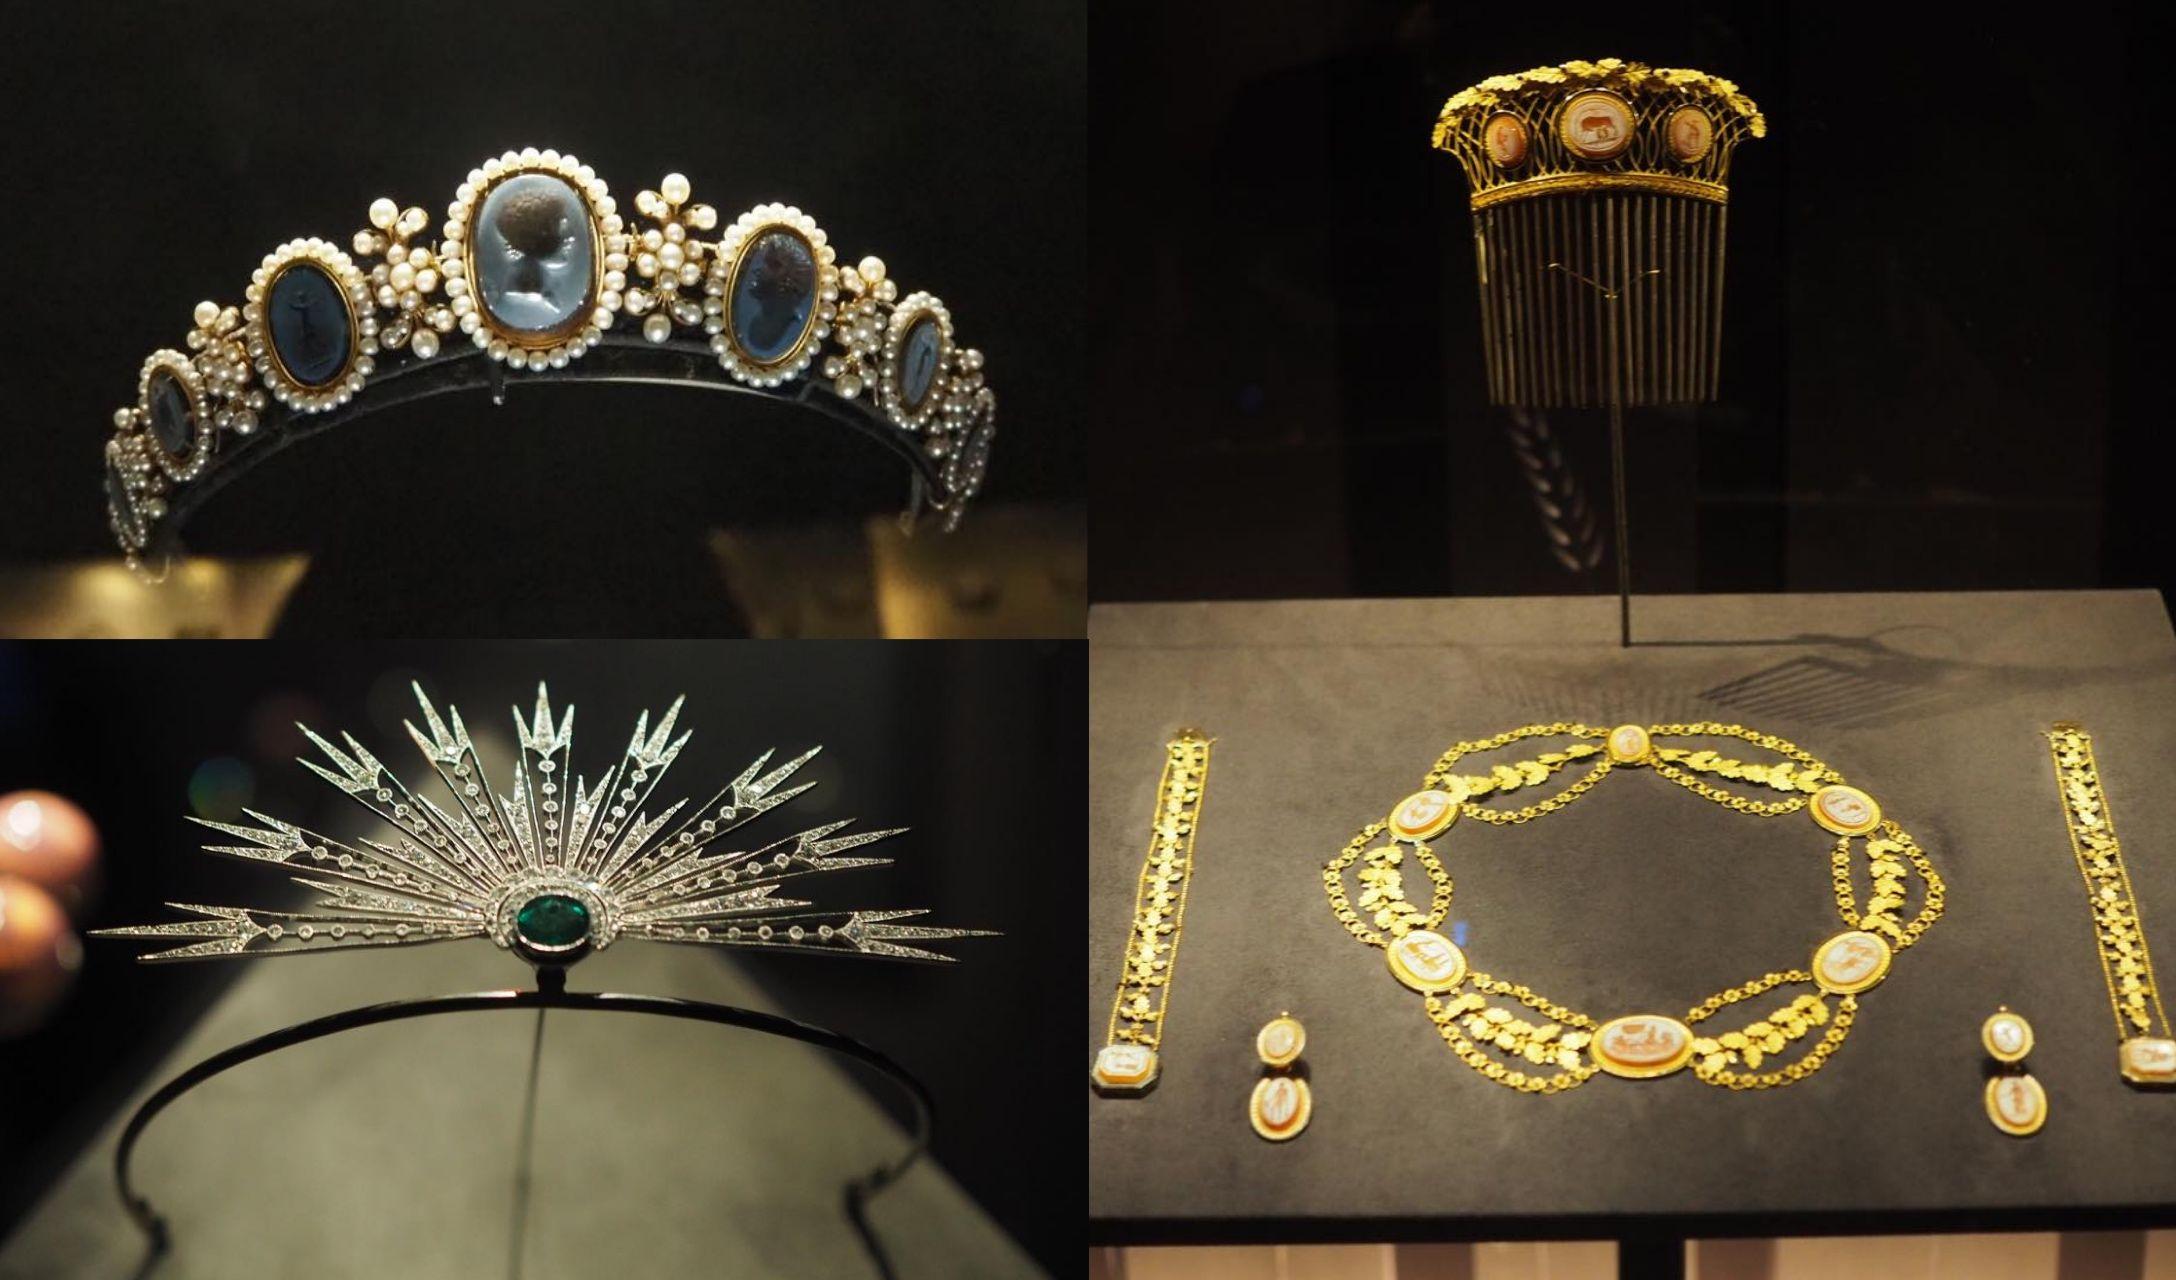 「ショーメ 時空を超える宝飾芸術の世界」で展示されているジュエリー